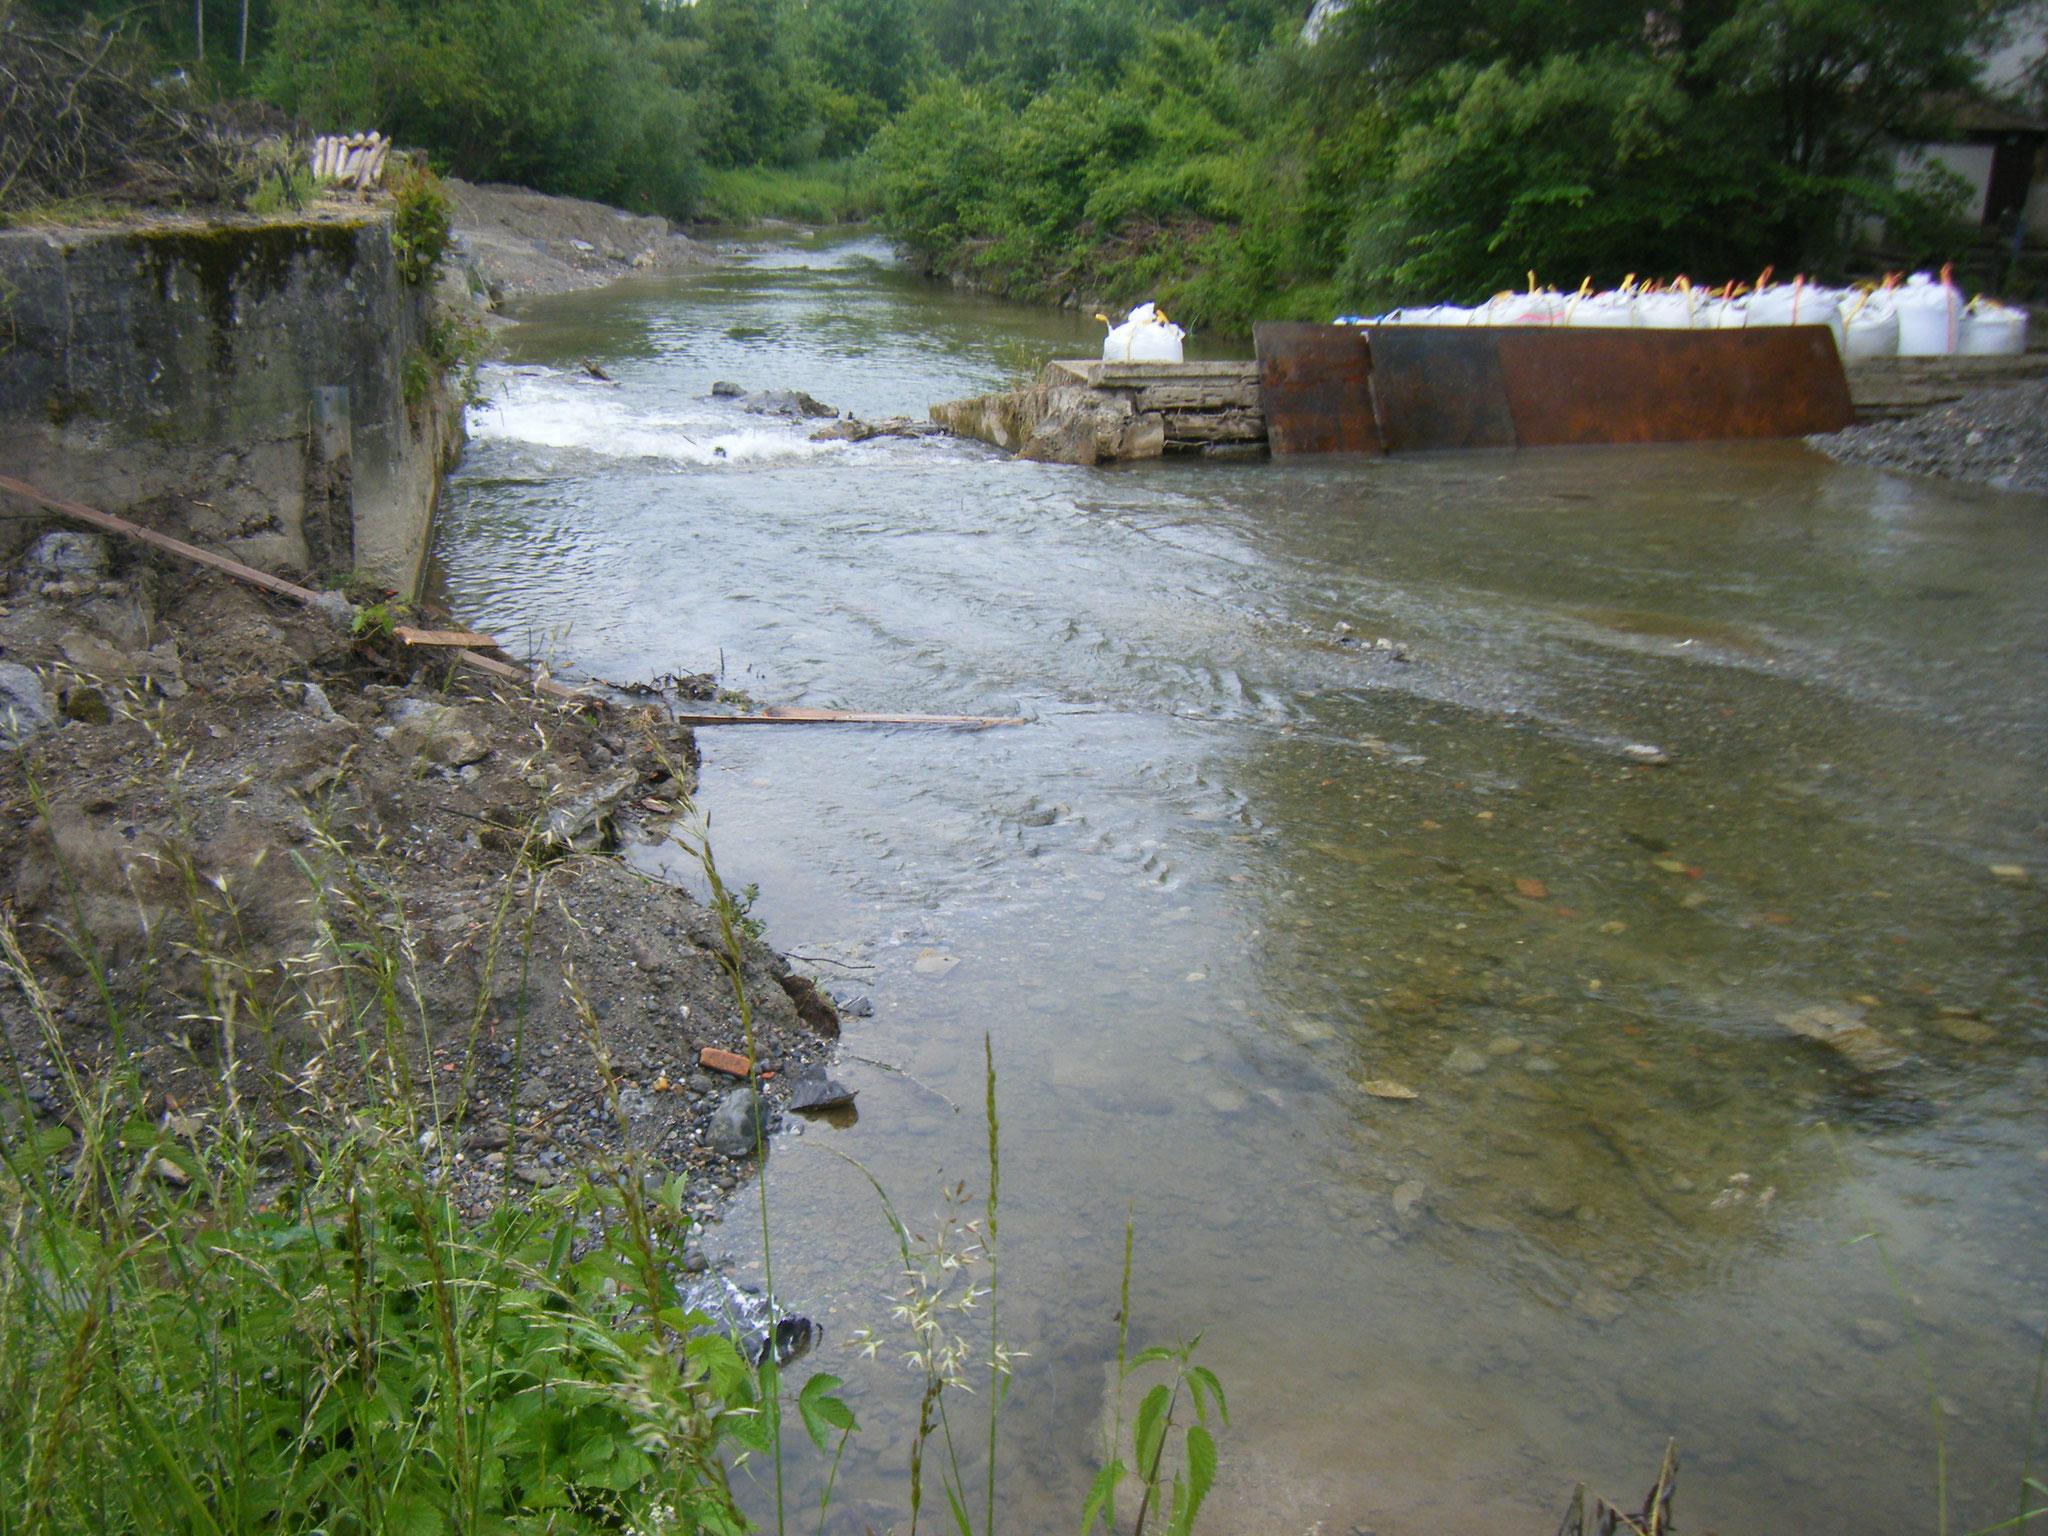 schon jetzt kann man ahnen, wie der Flussverlauf aussehen wird